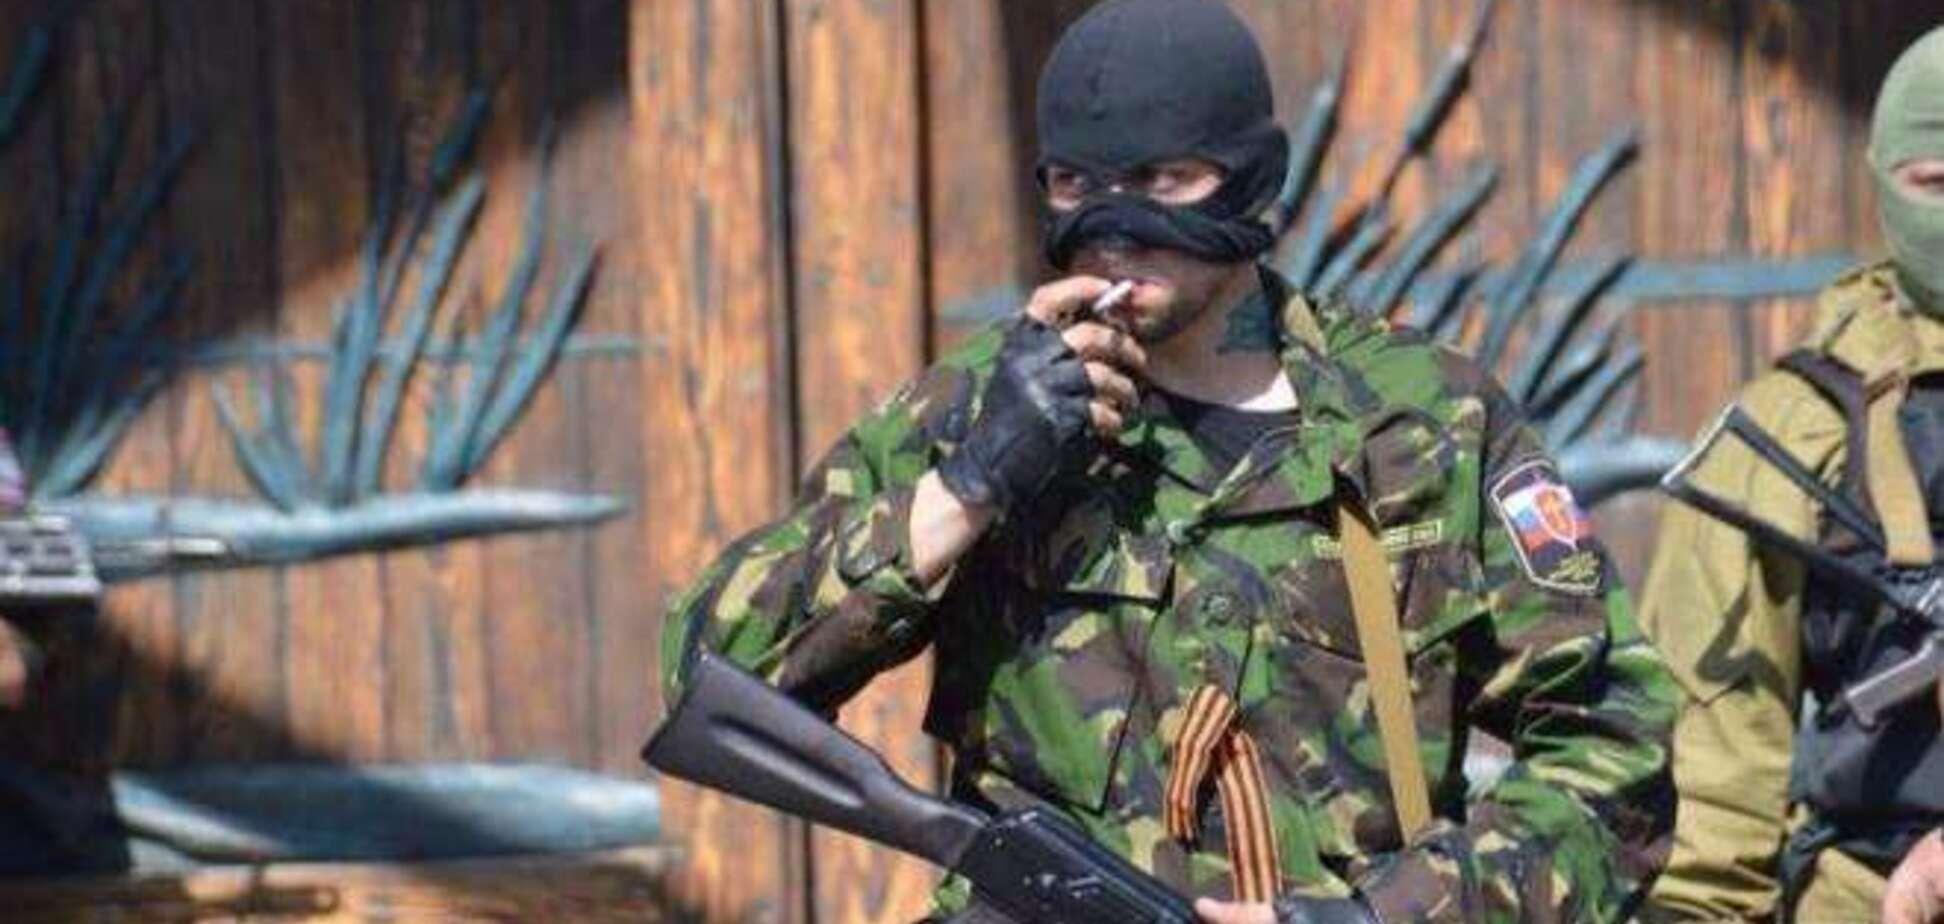 Состоятельный донетчанин пожаловался в Киеве на своих грабителей из 'ДНР'